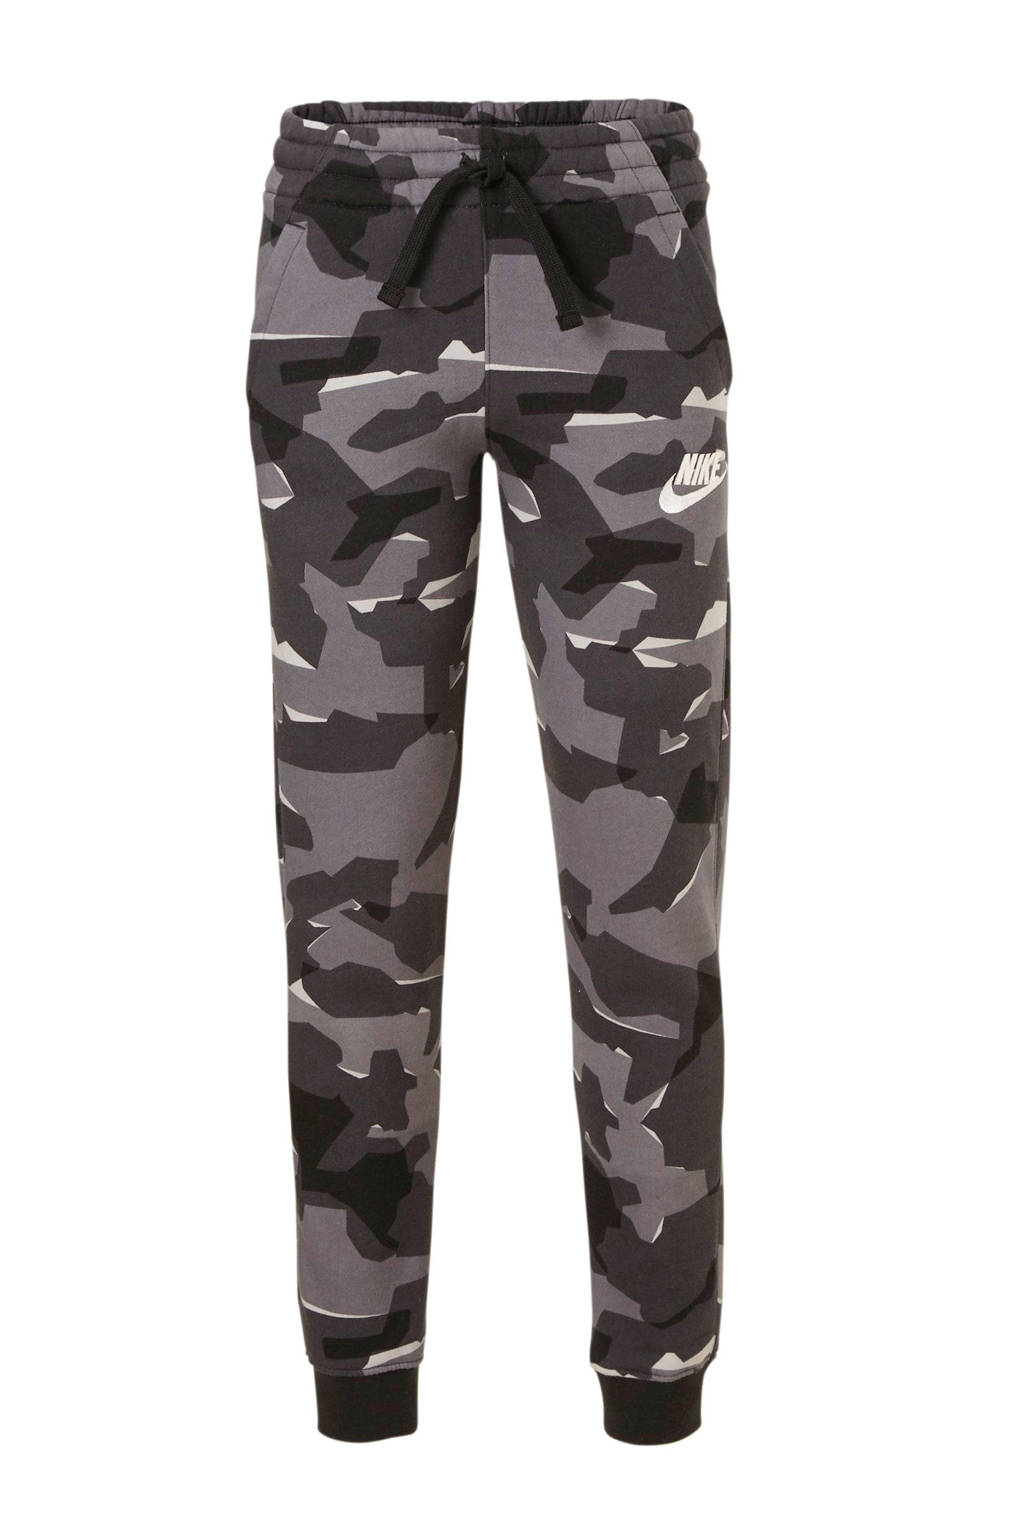 Nike   joggingbroek camouflage grijs, Grijs/zwart